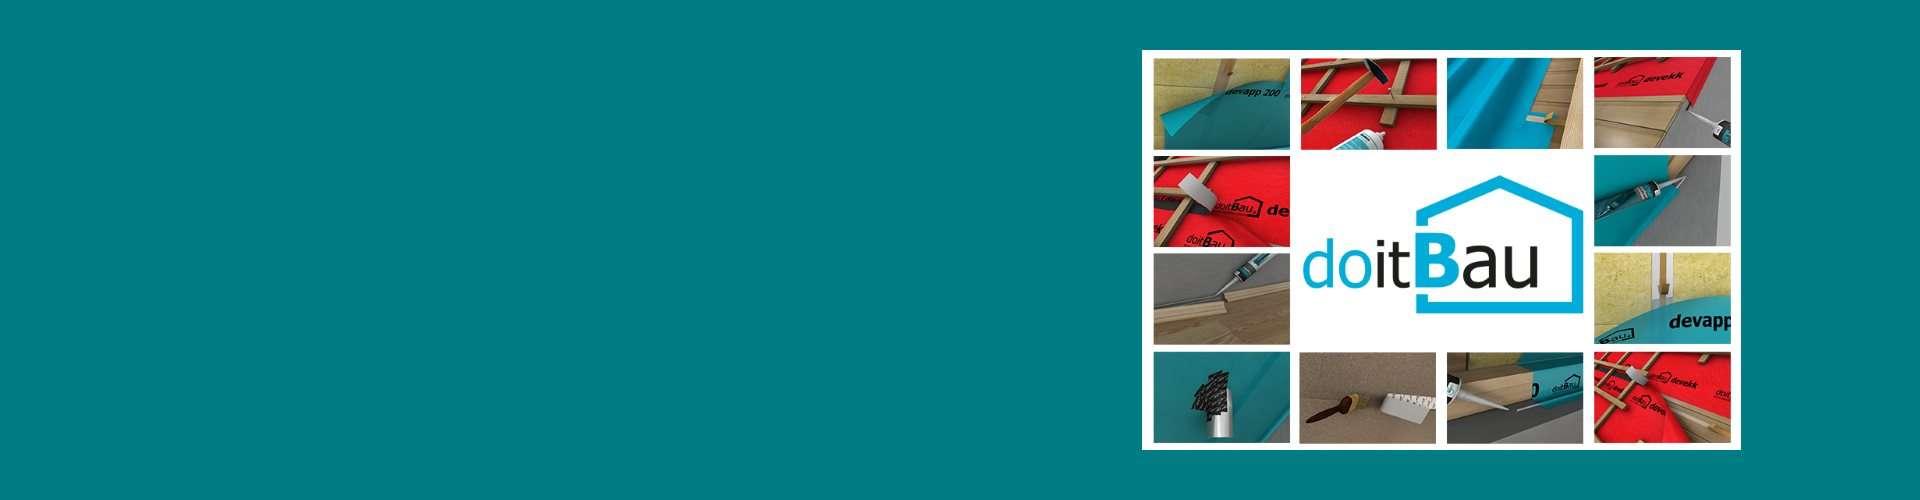 Luftdichtes- und winddichtes Verkleben für Flach- und Steildach